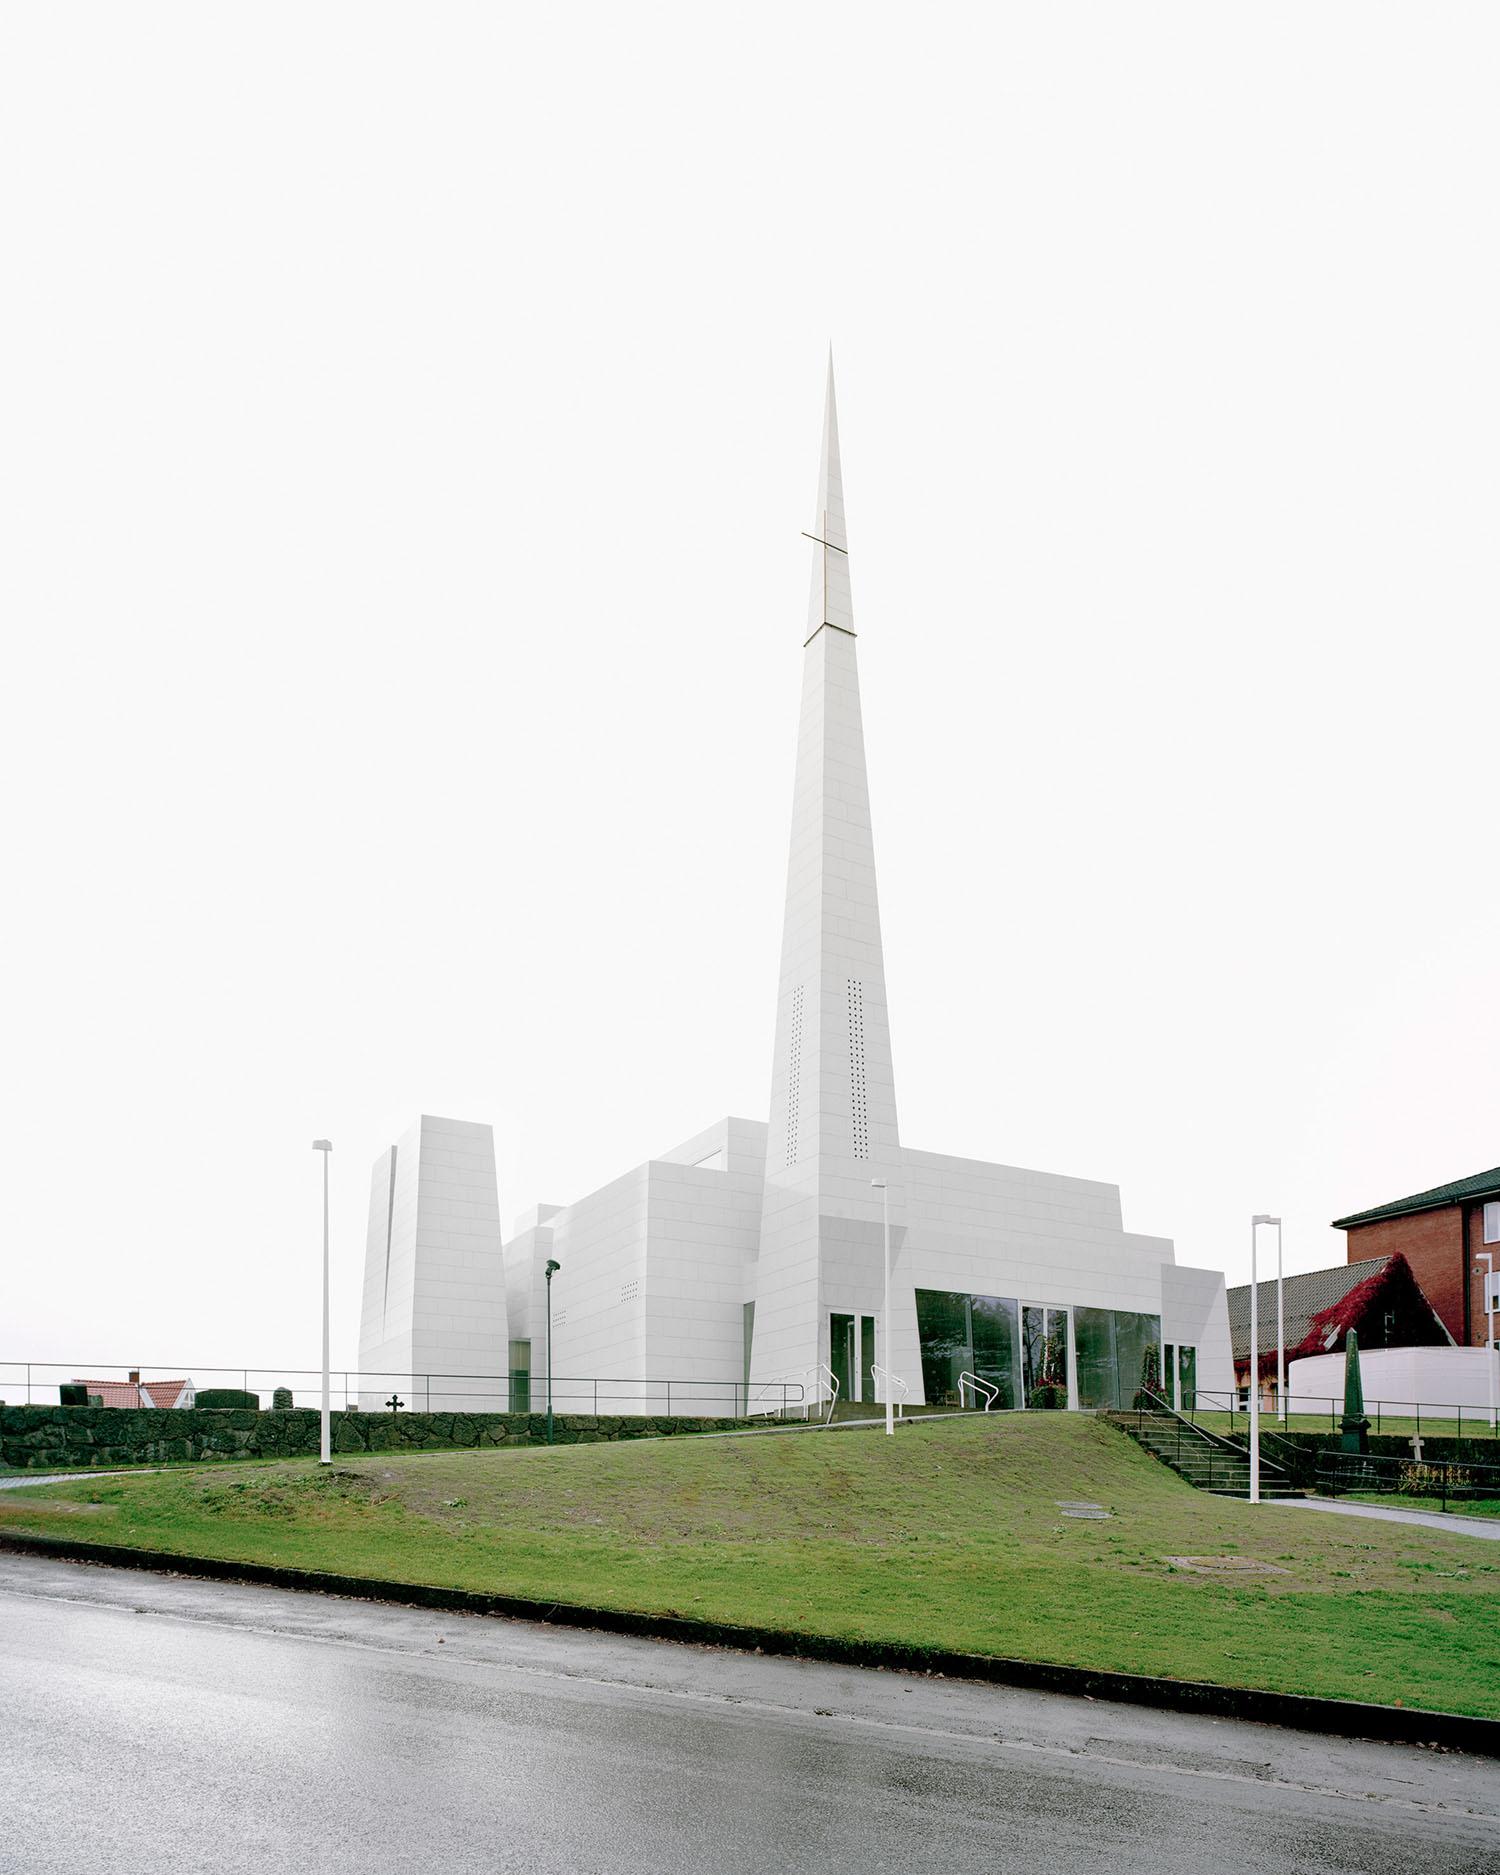 Porsgrunn Church by Espen Surnevik